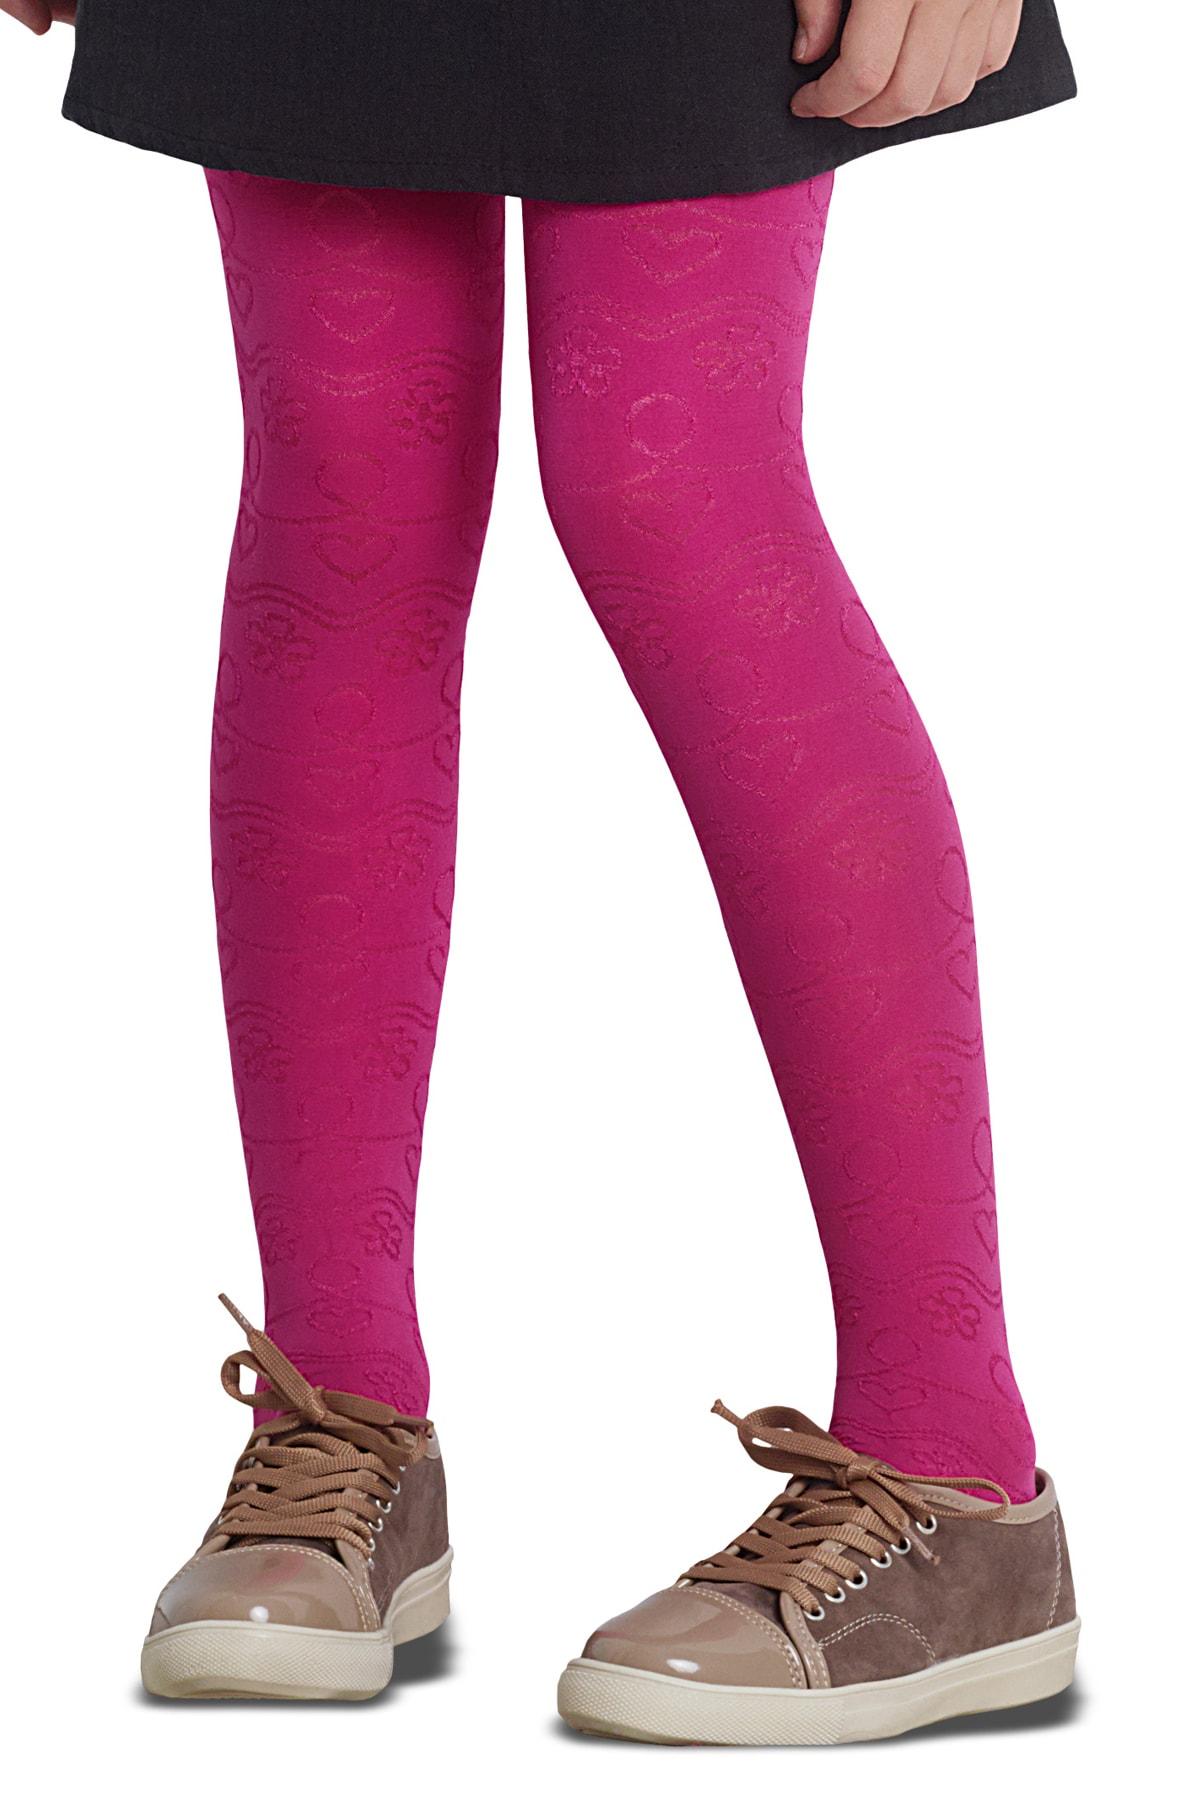 پنتی | Penti - جوراب شلواری دخترانه طرح Lilyum رنگ سرخابی